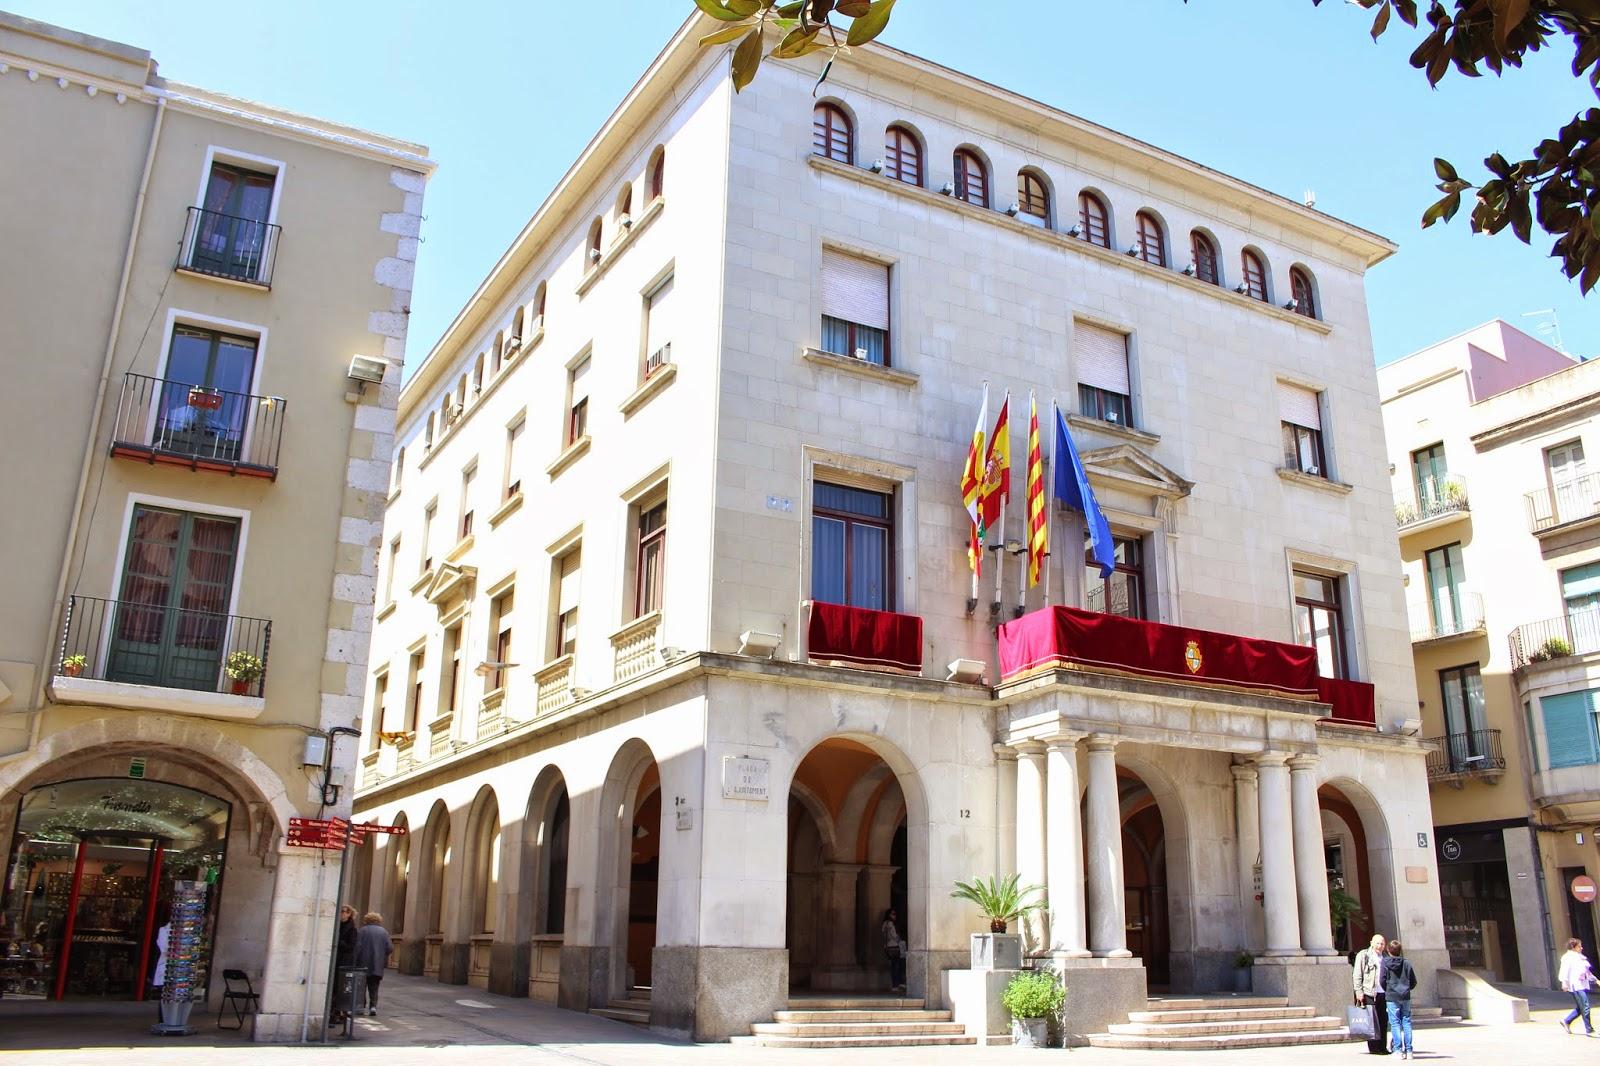 Figueres Spain Costa Brava